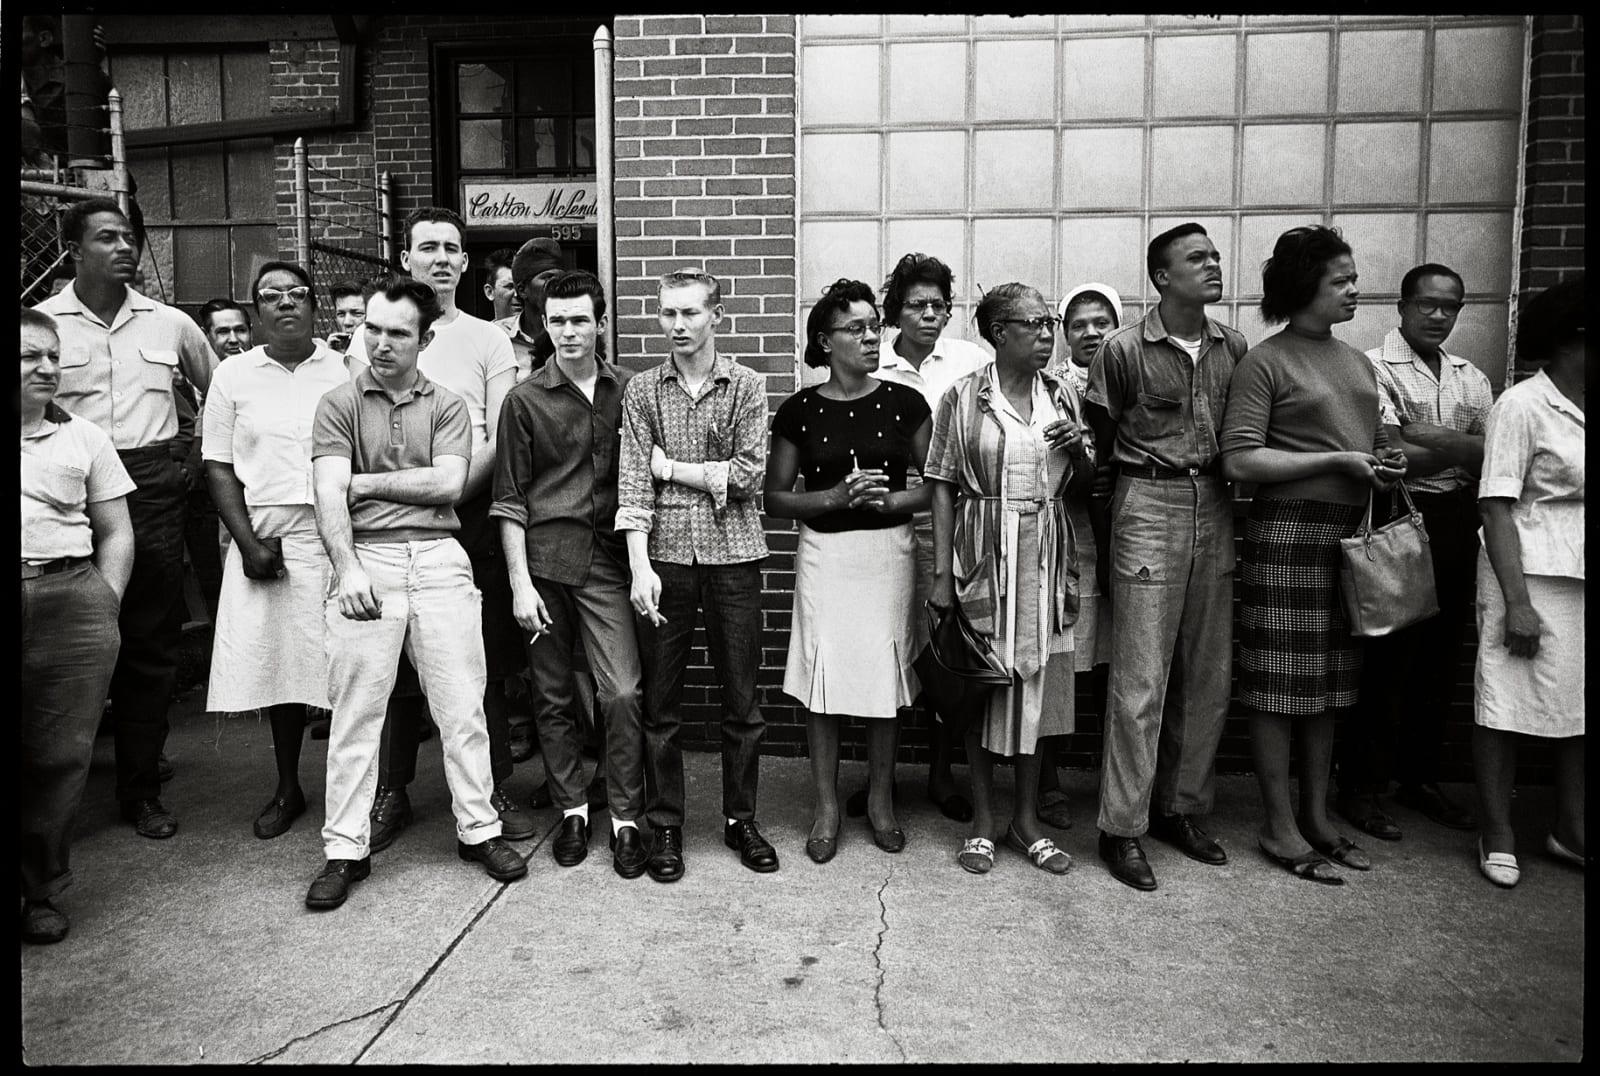 Steve Schapiro Montgomery Onlookers, 1965